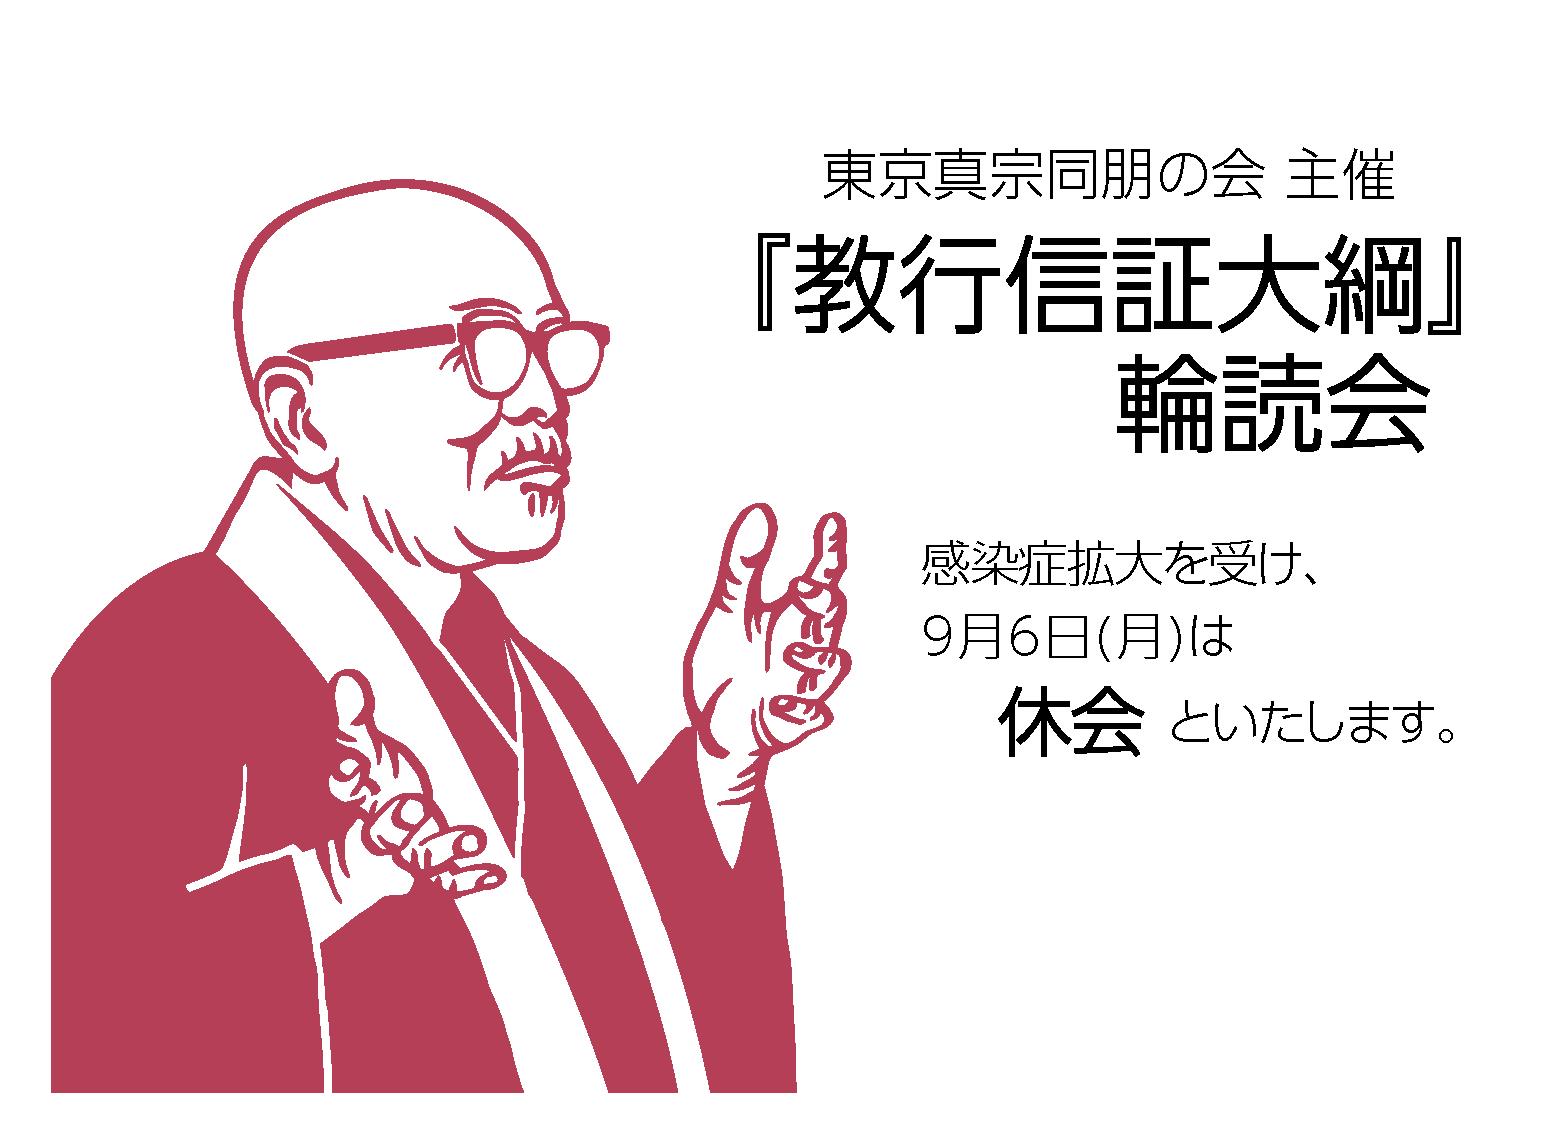 聞法会「『教行信証大綱』輪読会」の休会について